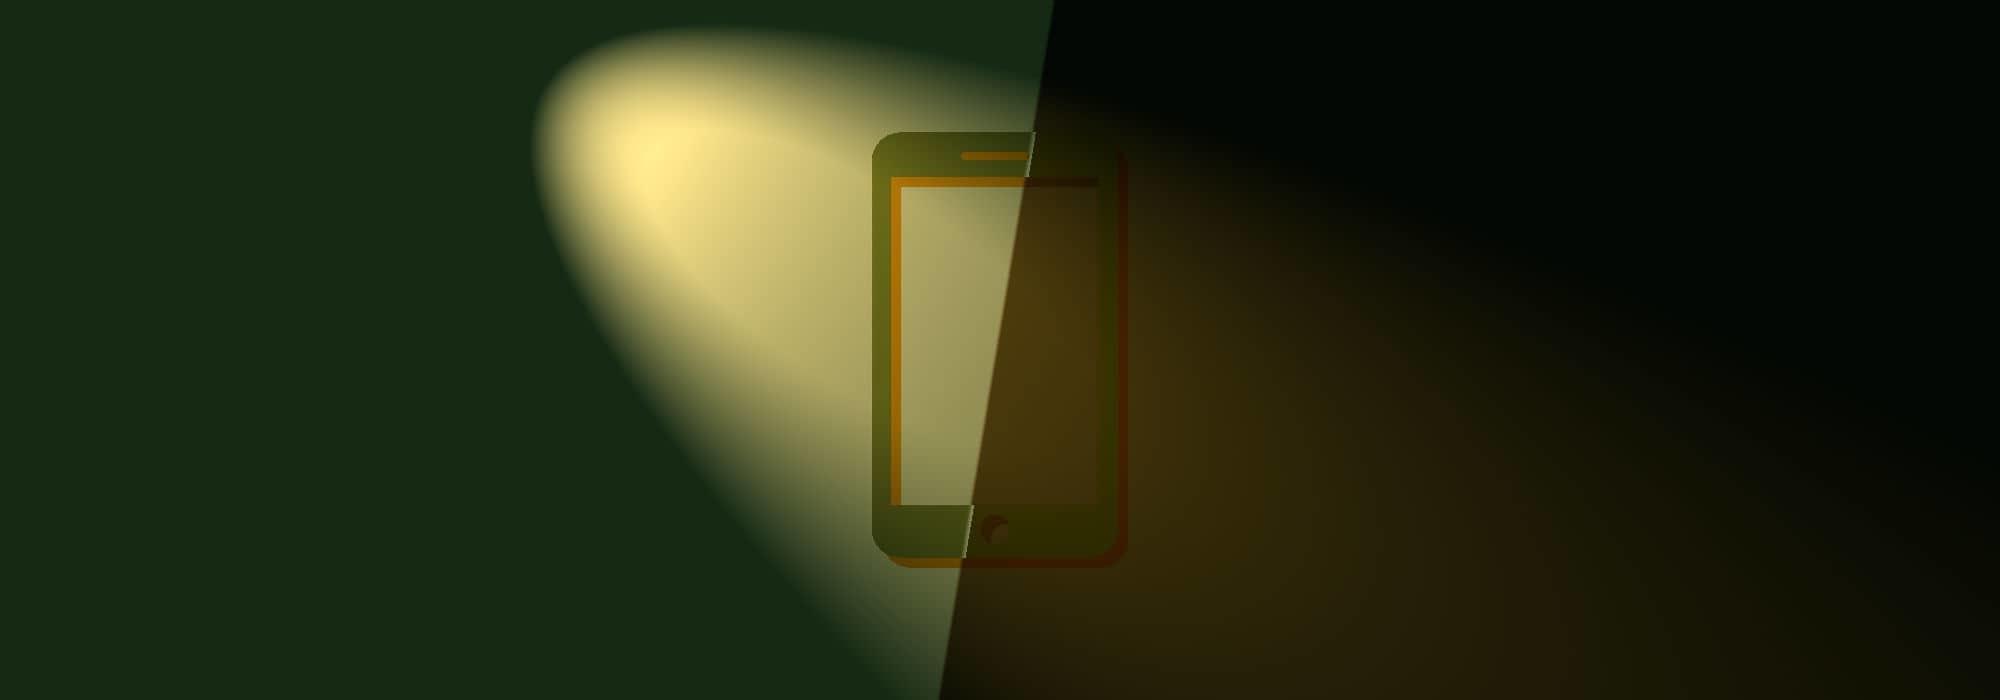 Ökobilanz negativ – Die dunkle Seite der Smartphones